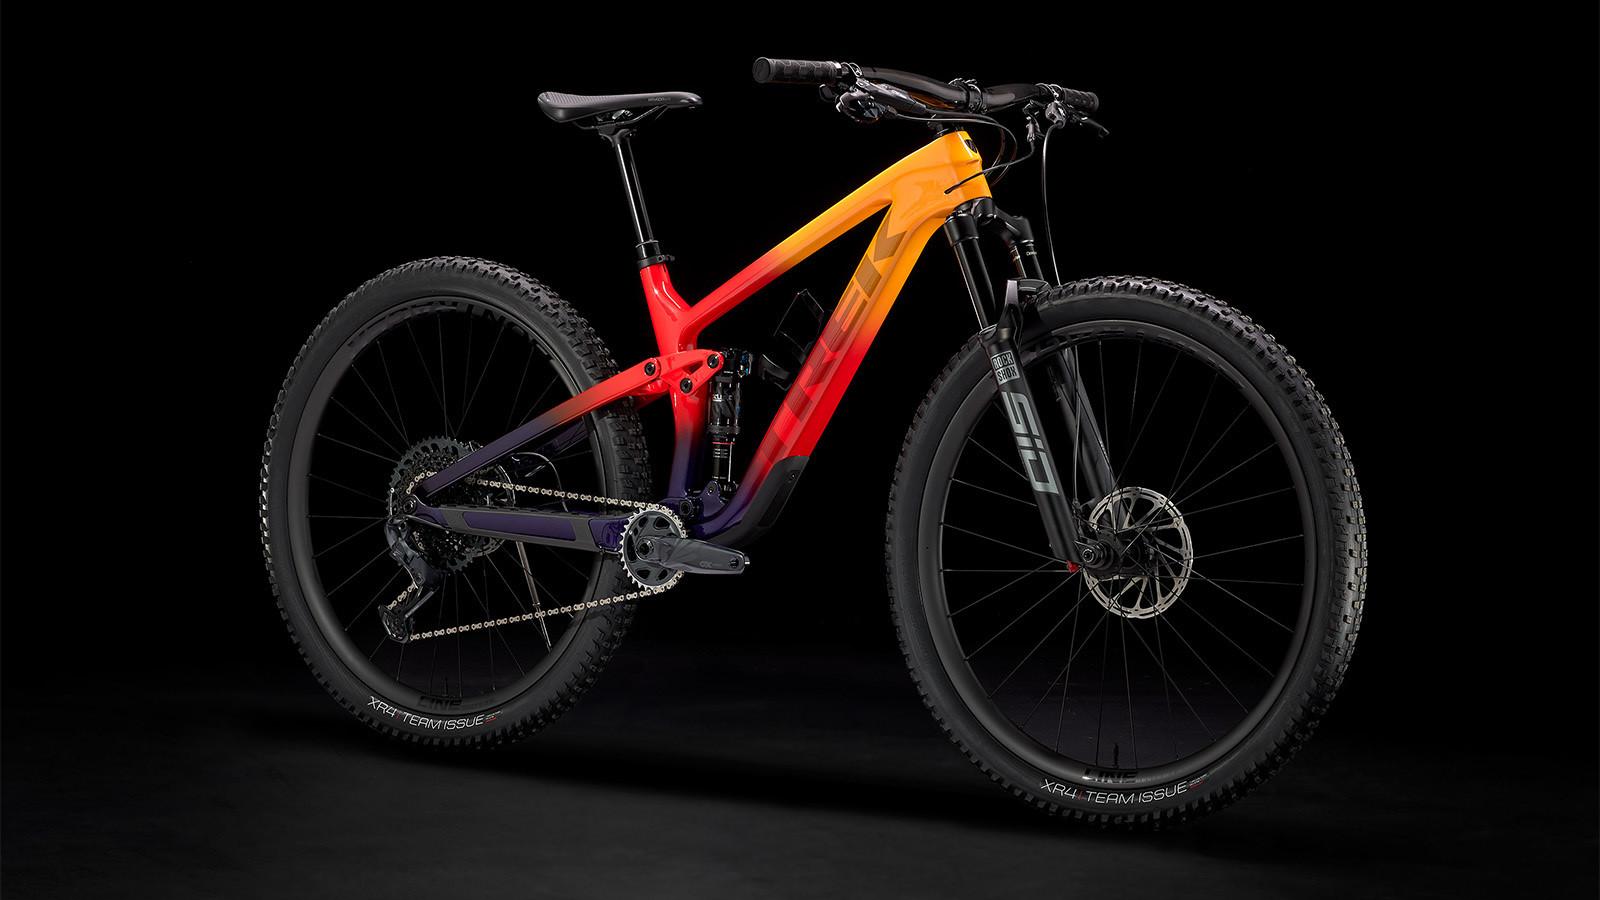 Trek's All-New 2022 Top Fuel